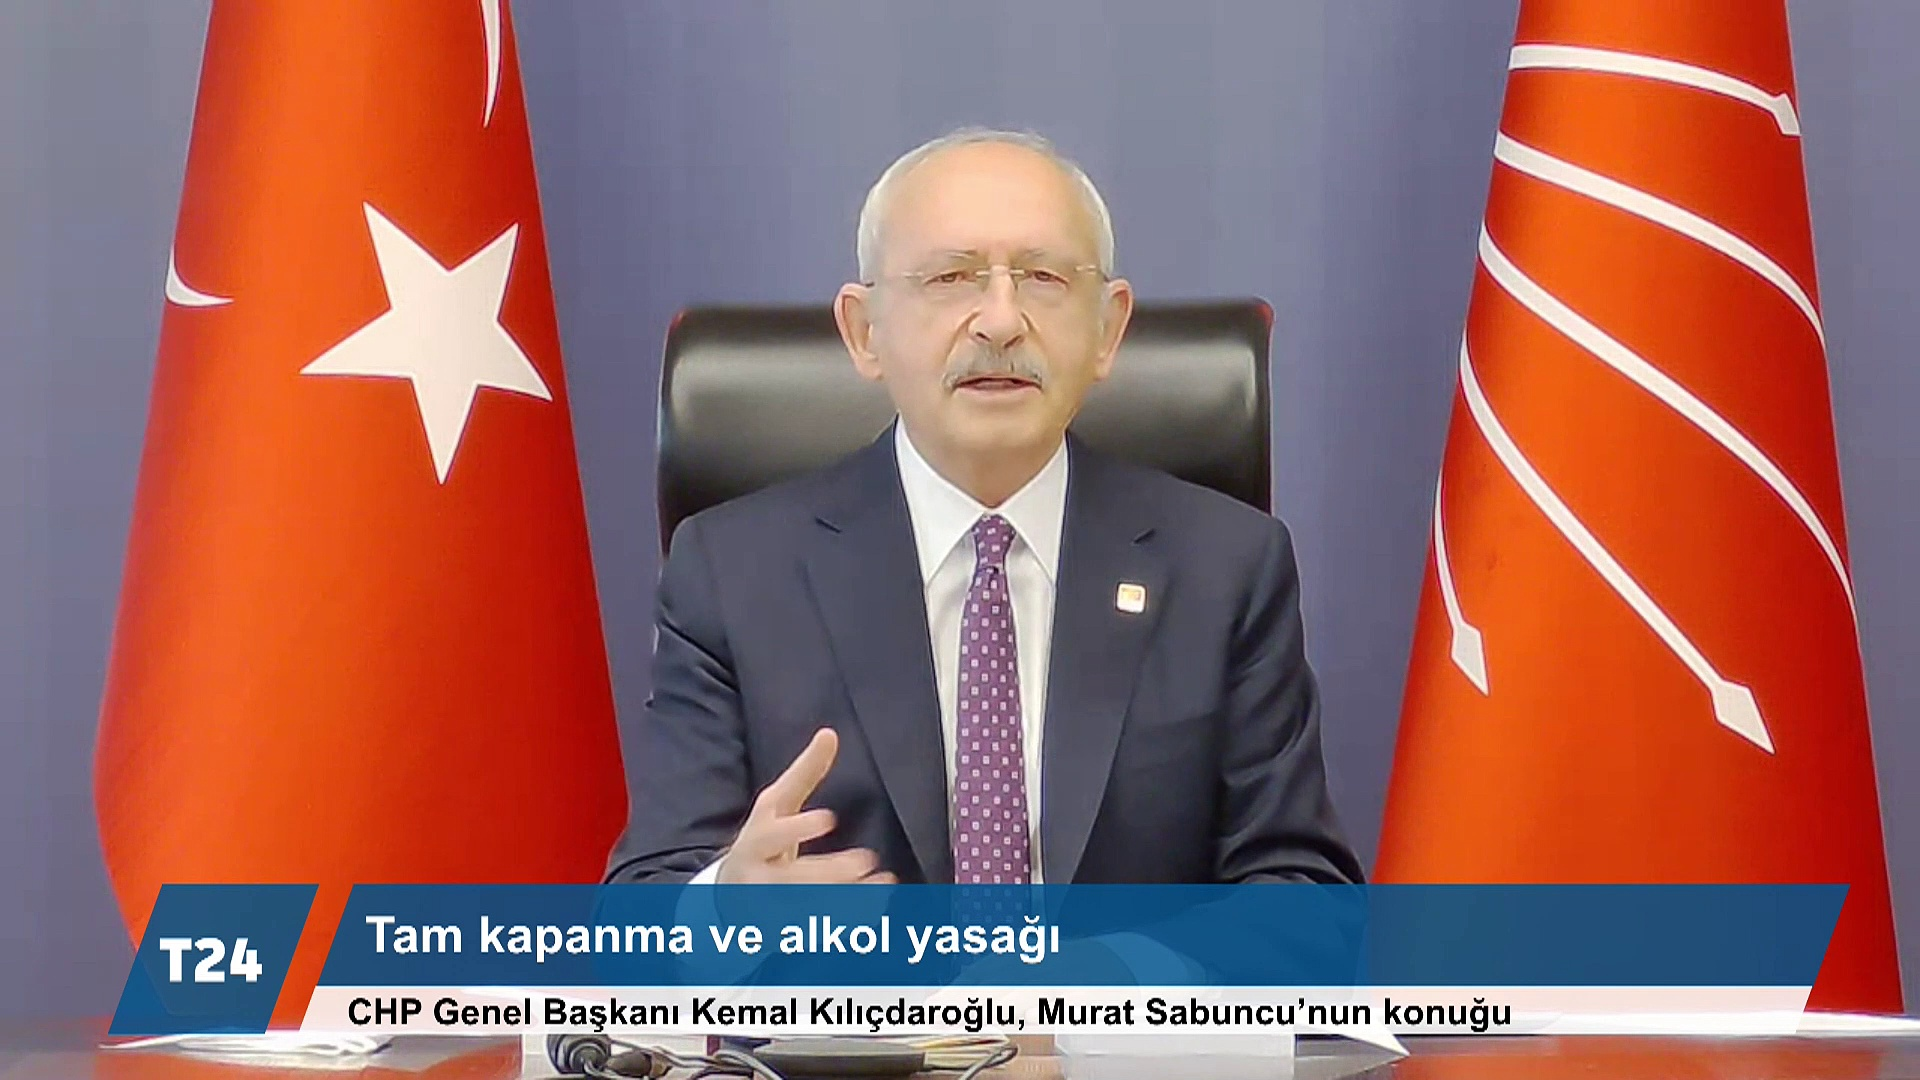 Kılıçdaroğlu: Kanal İstanbul ihalesine girecek ülkeye mesafe koyacağız, paralarını ödemeyeceğiz; bizden bir banka kredi verirse günü geldiğinde o da görür!